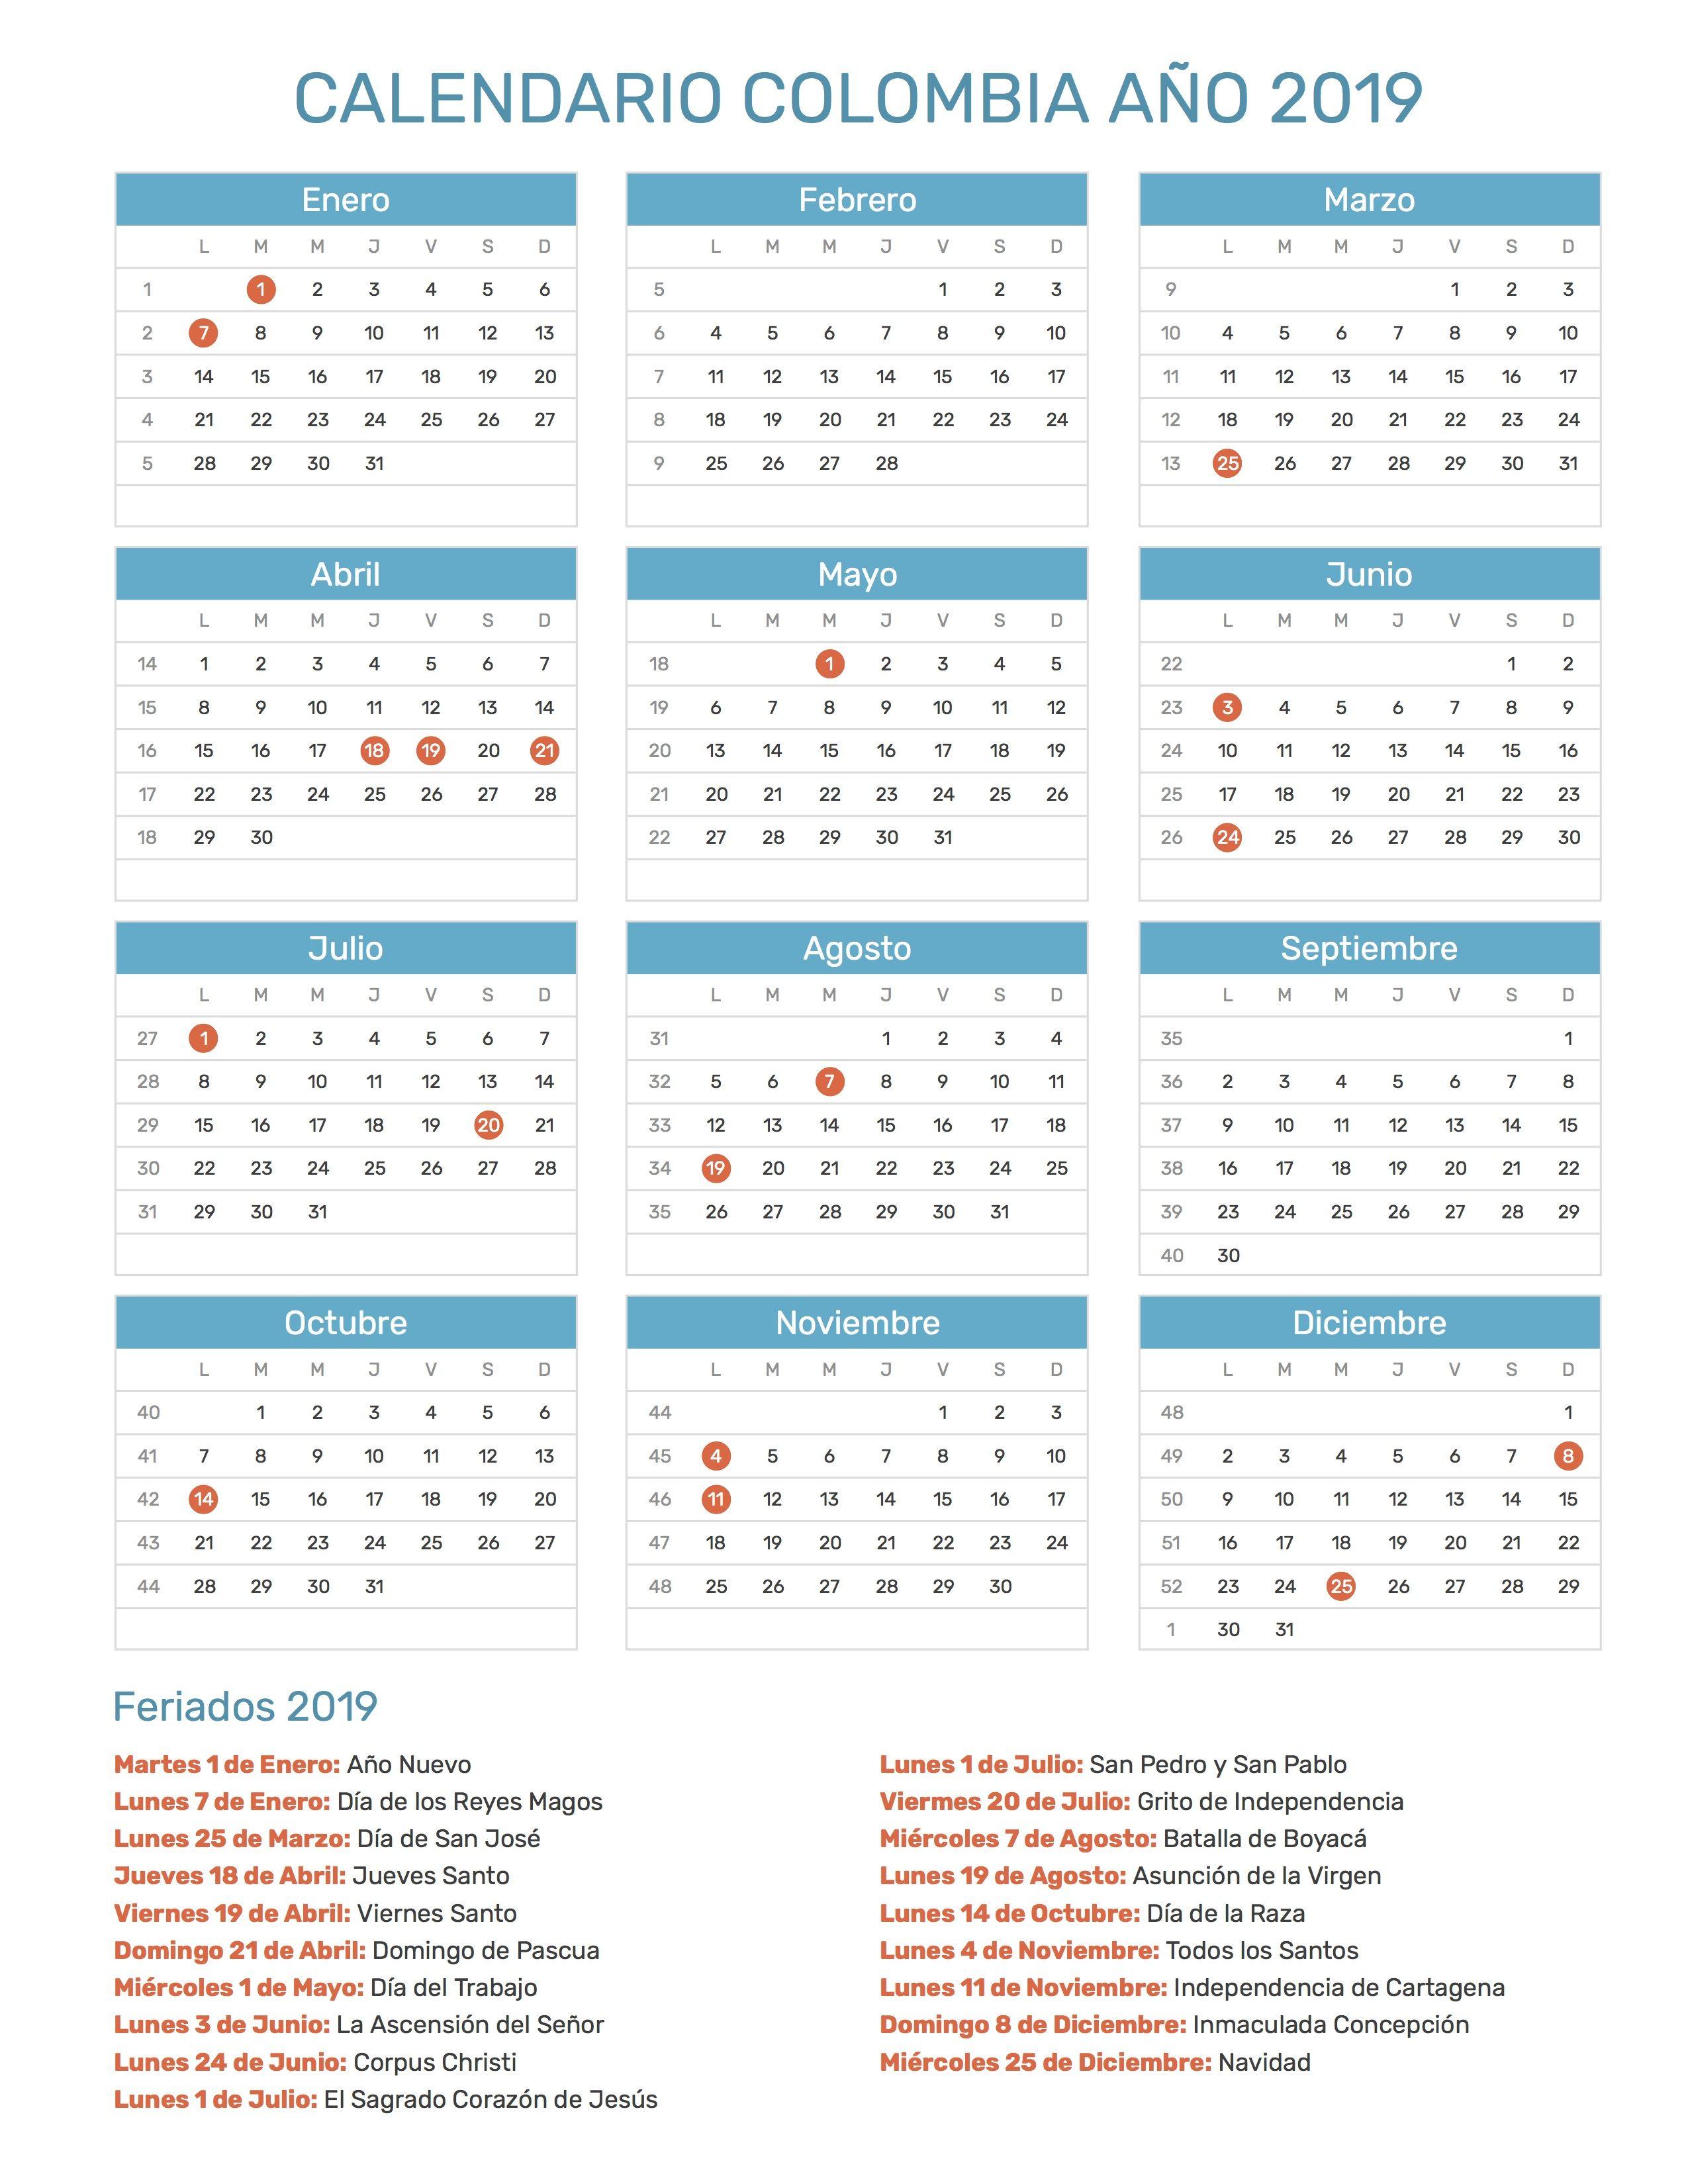 Calendario Escolar 2020 Colombia.Resultado De Imagen Para Calendario 2019 Colombia Con